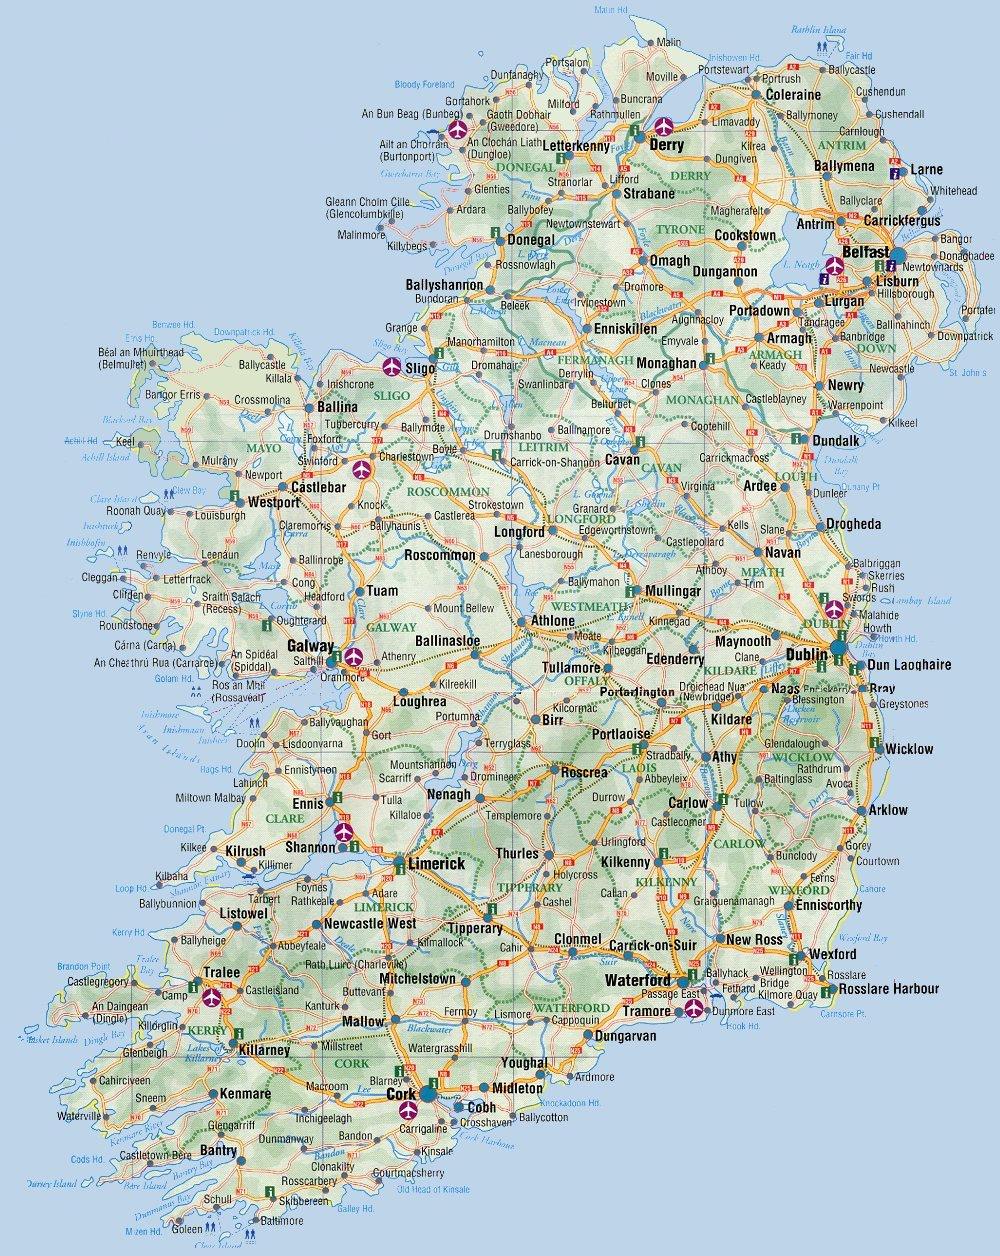 Mapa de Estradas da Irlanda